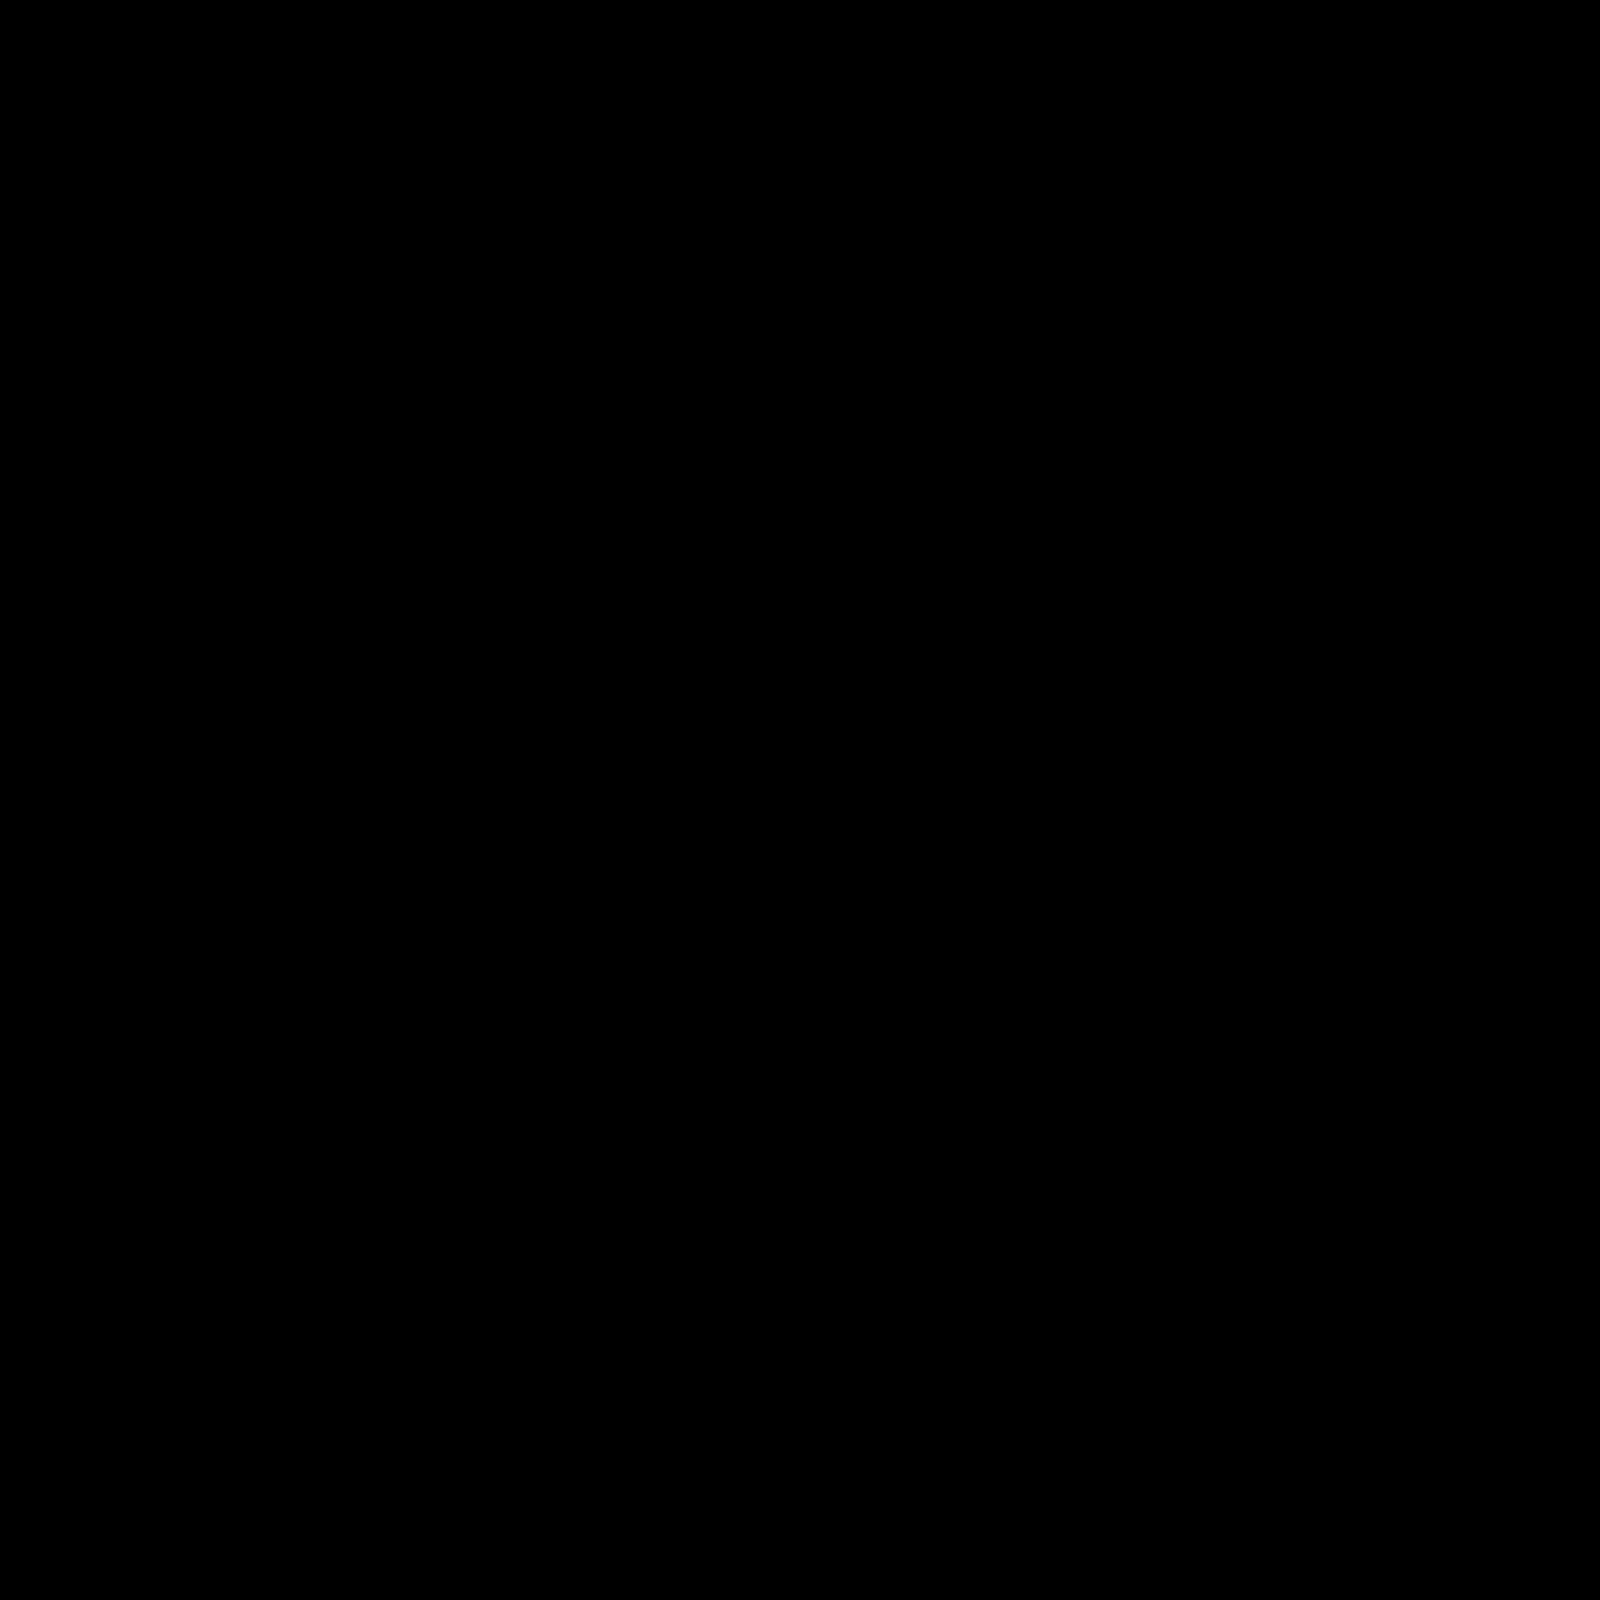 鍵穴シールド icon